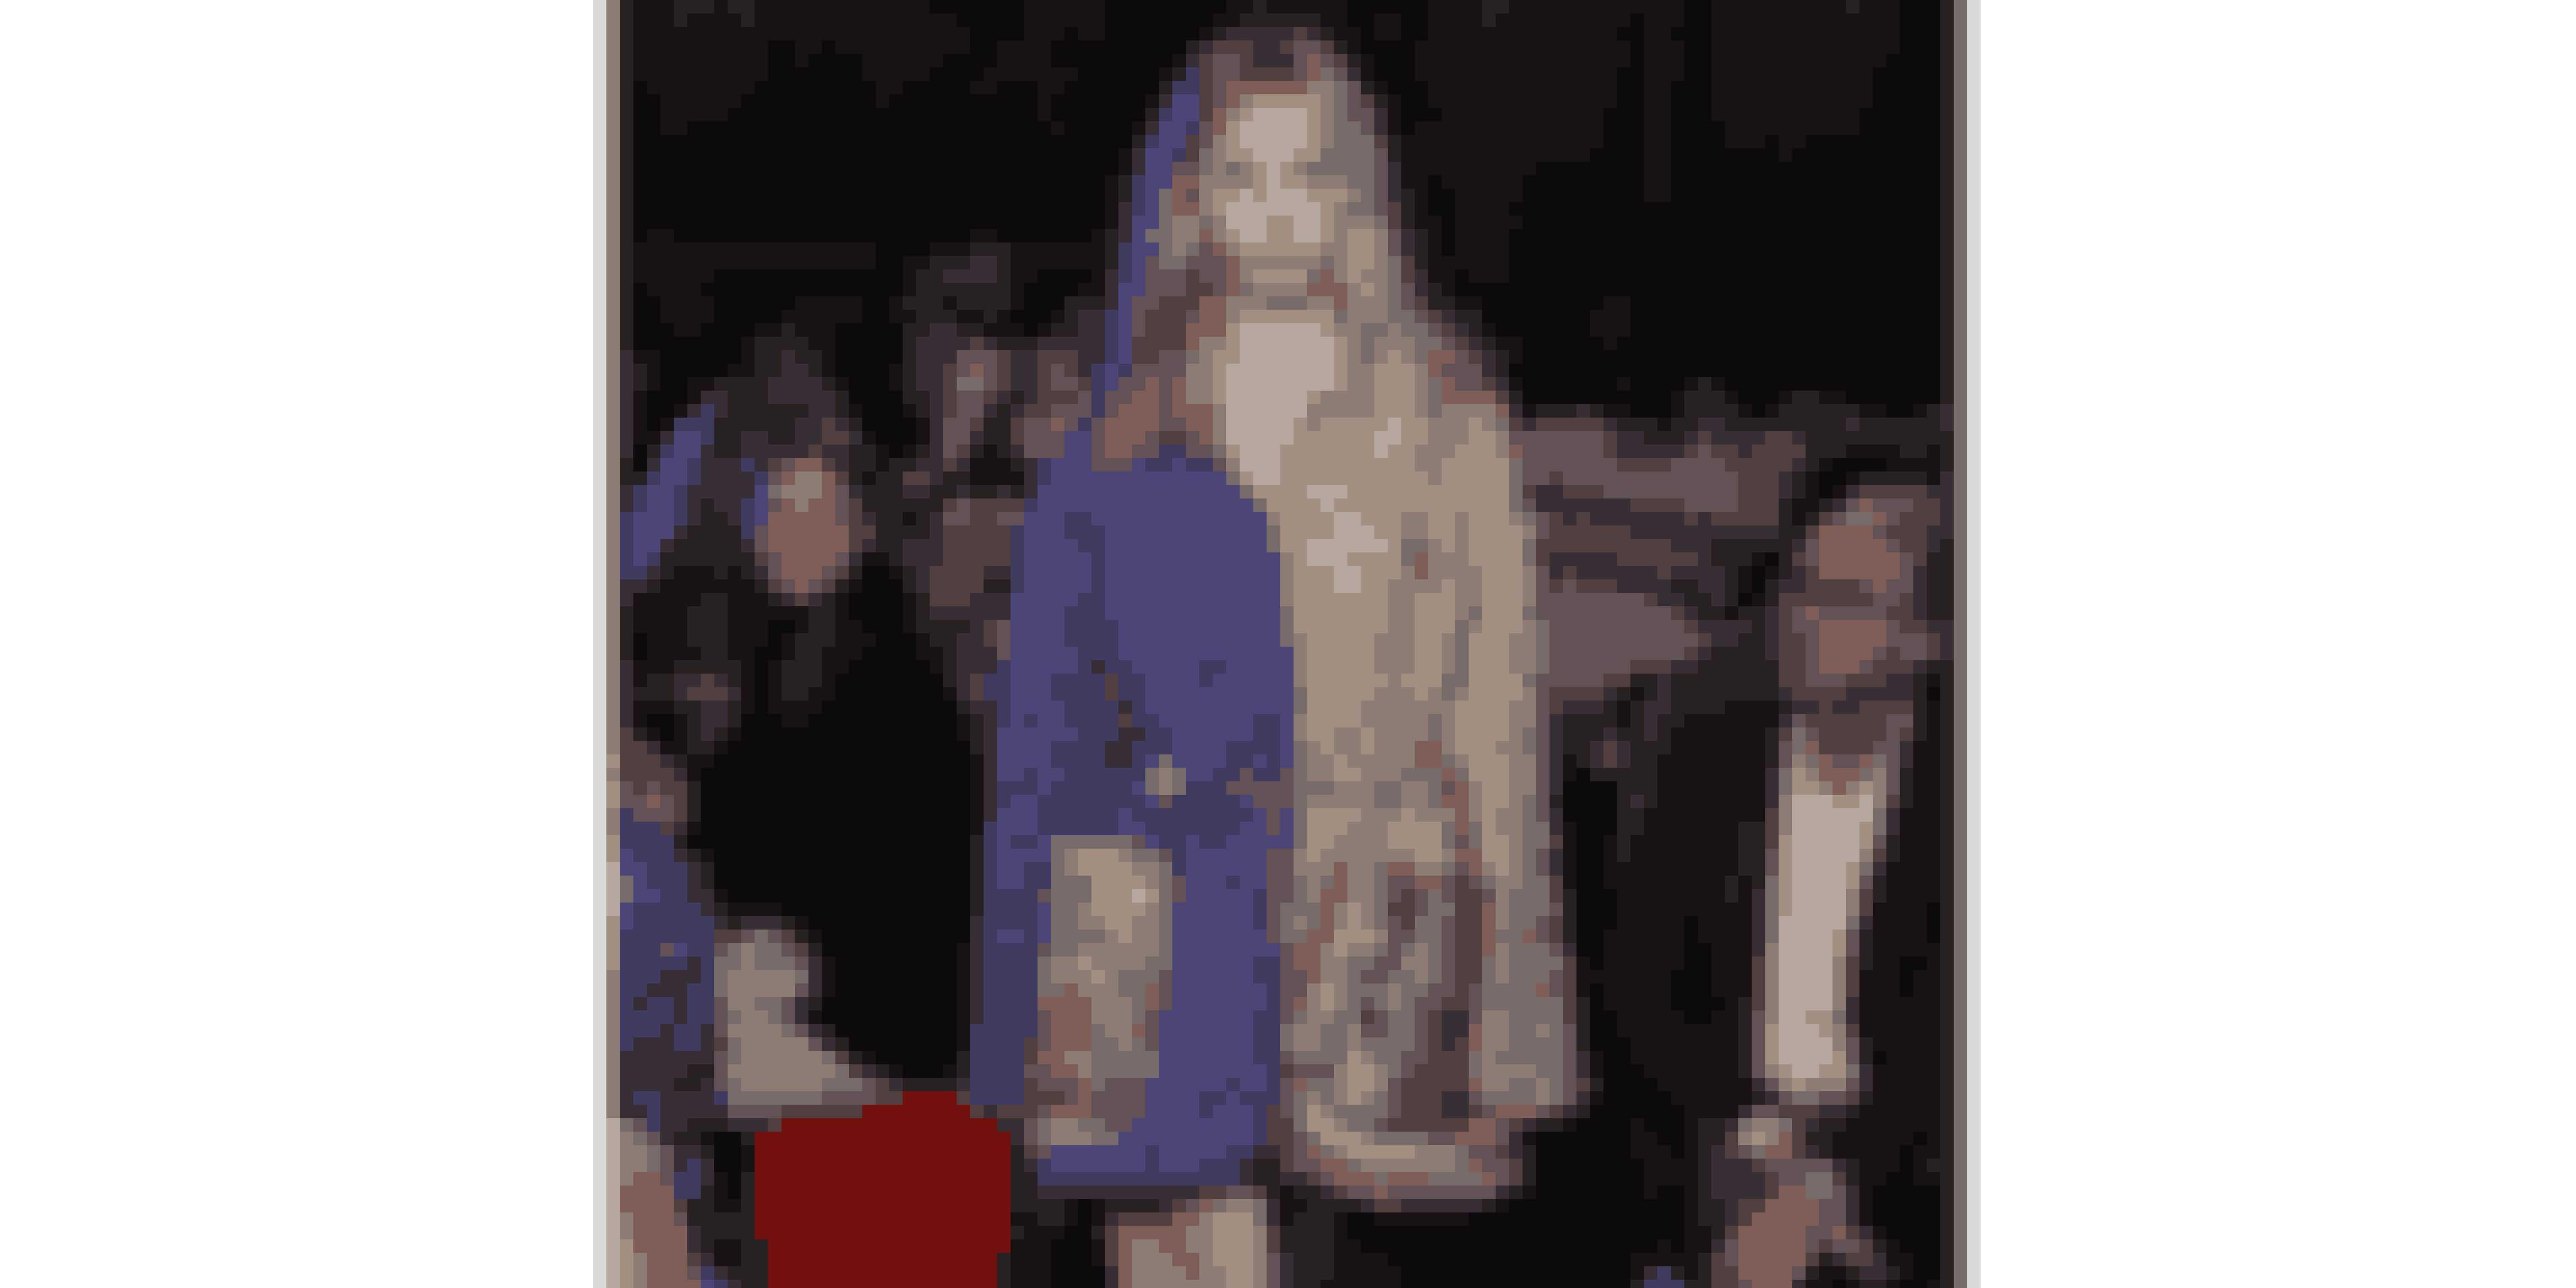 'Det dekonstruerede tøj med asymmetri og ufærdigt look kan være en modvægt til den klassiske idé om, at skønhed er symmetrisk og strømlinet', Ane Lynge-Jorlén, modeforsker.